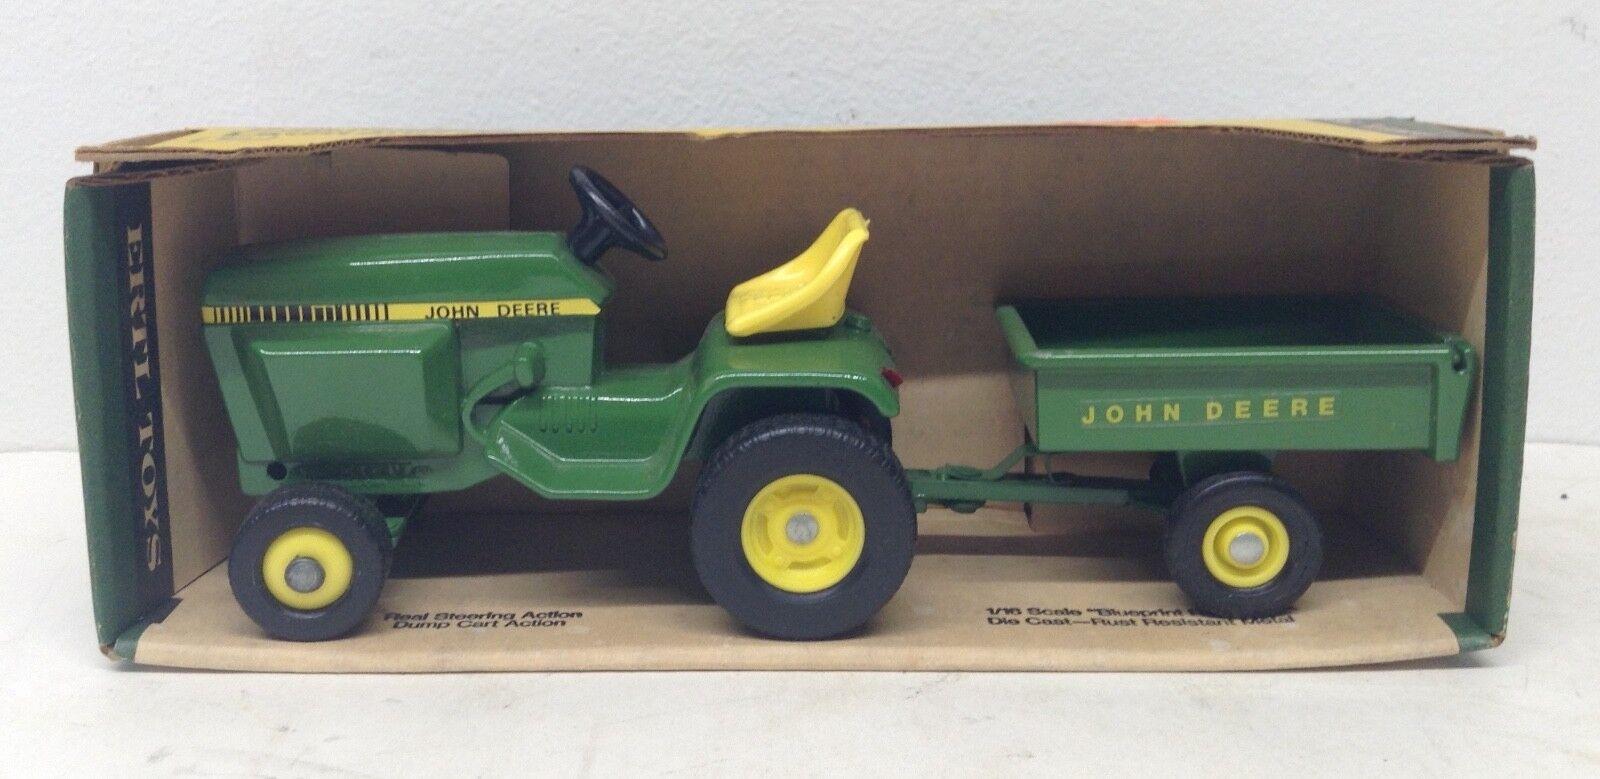 1 16 JOHN DEERE MODEL 400 Lawn & Garden Tondeuse Tracteur Set avec chariot NOUVEAU par ERTL